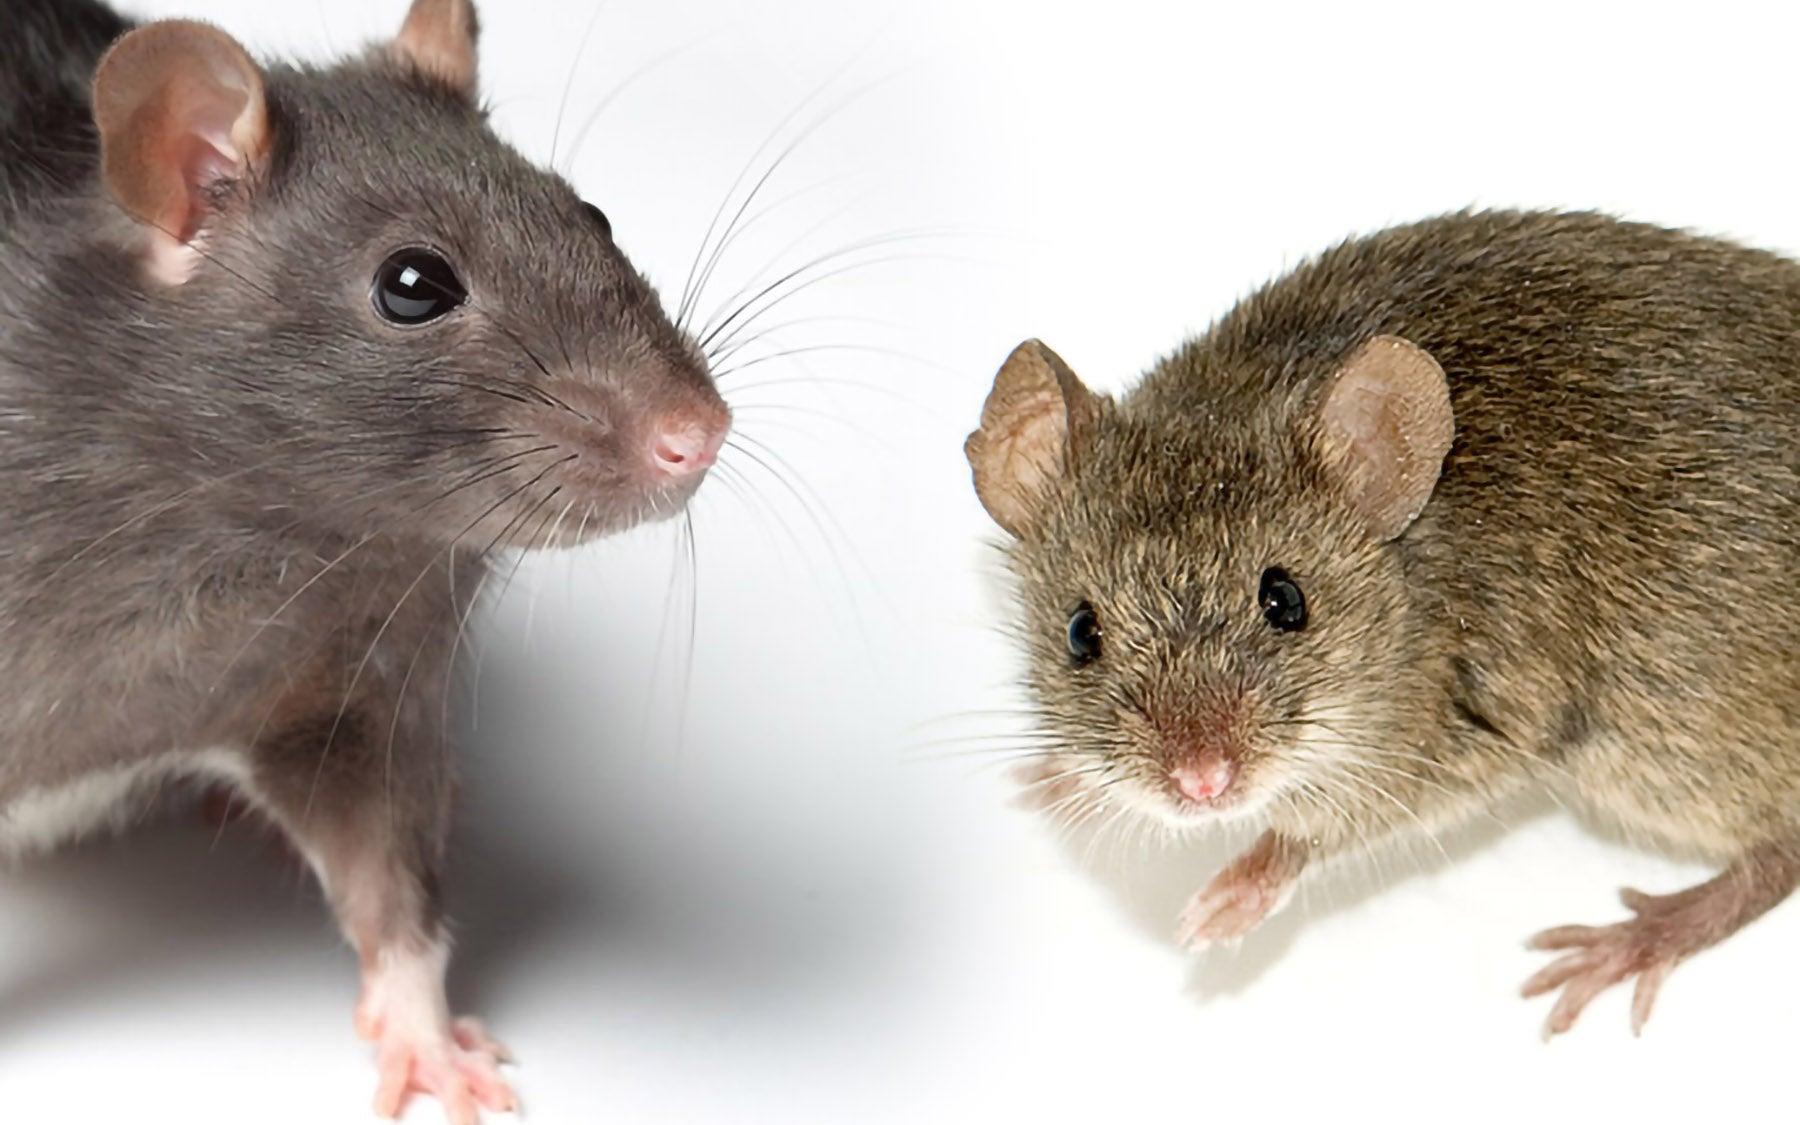 Rat Mouse comparison